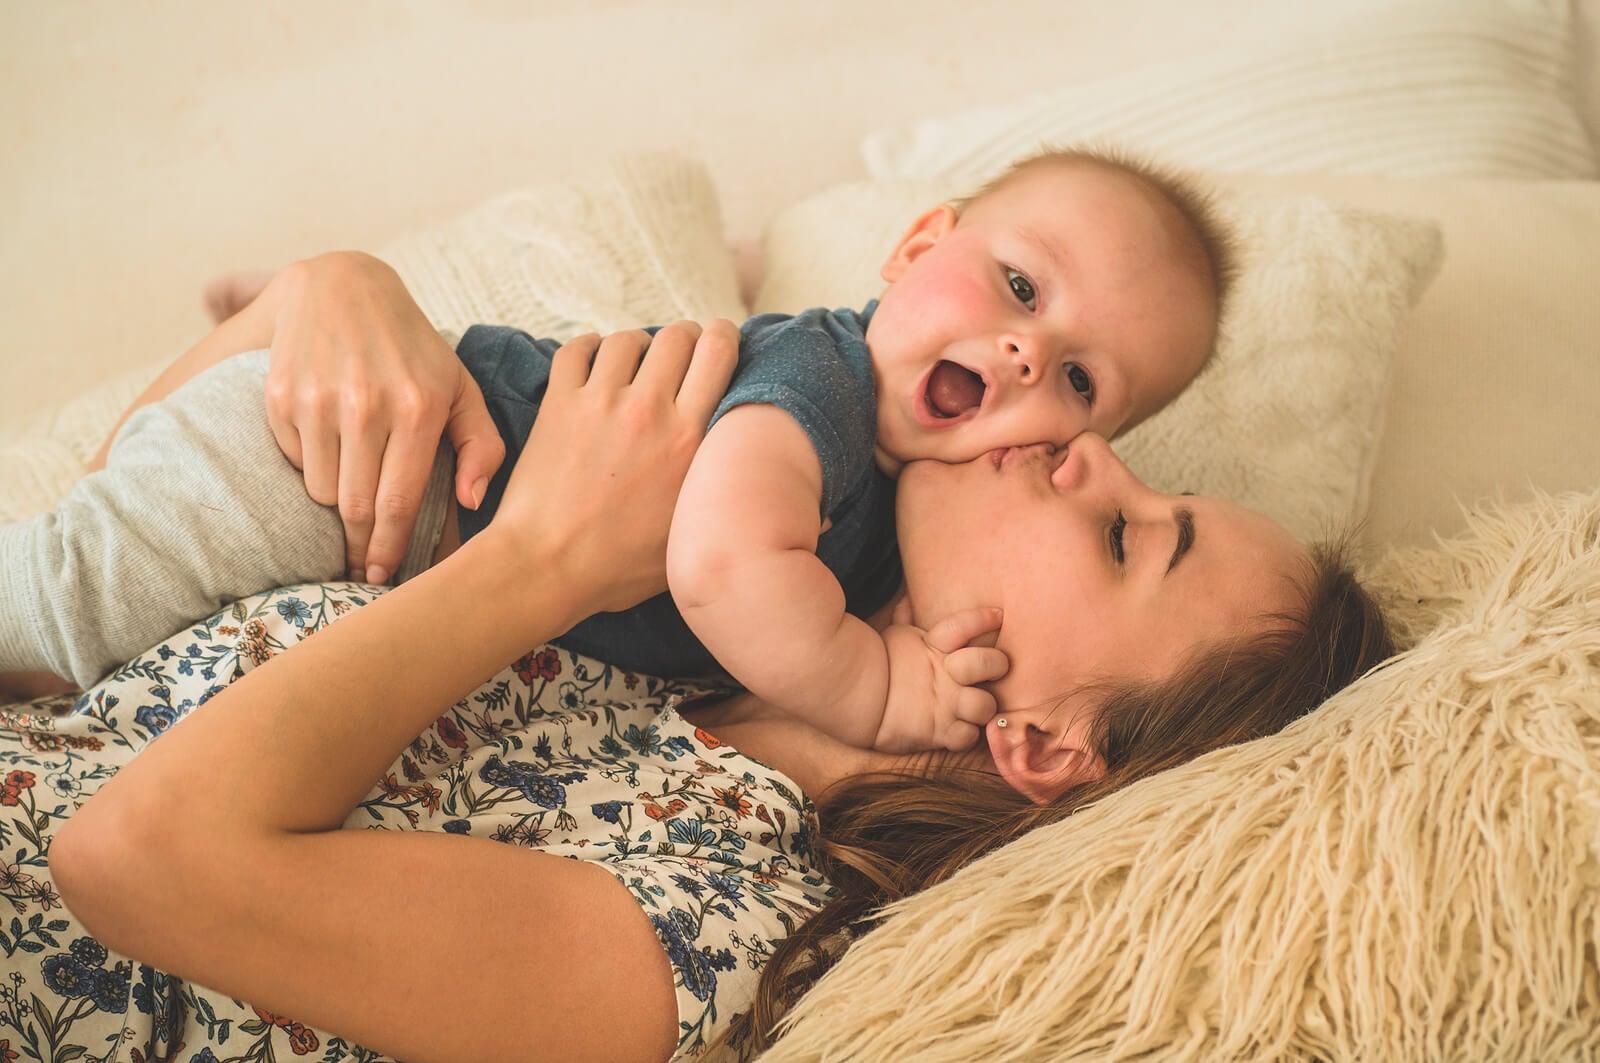 Mamá besando y abrazando a su bebé porque los recuerdos de los niños se componen de emociones.